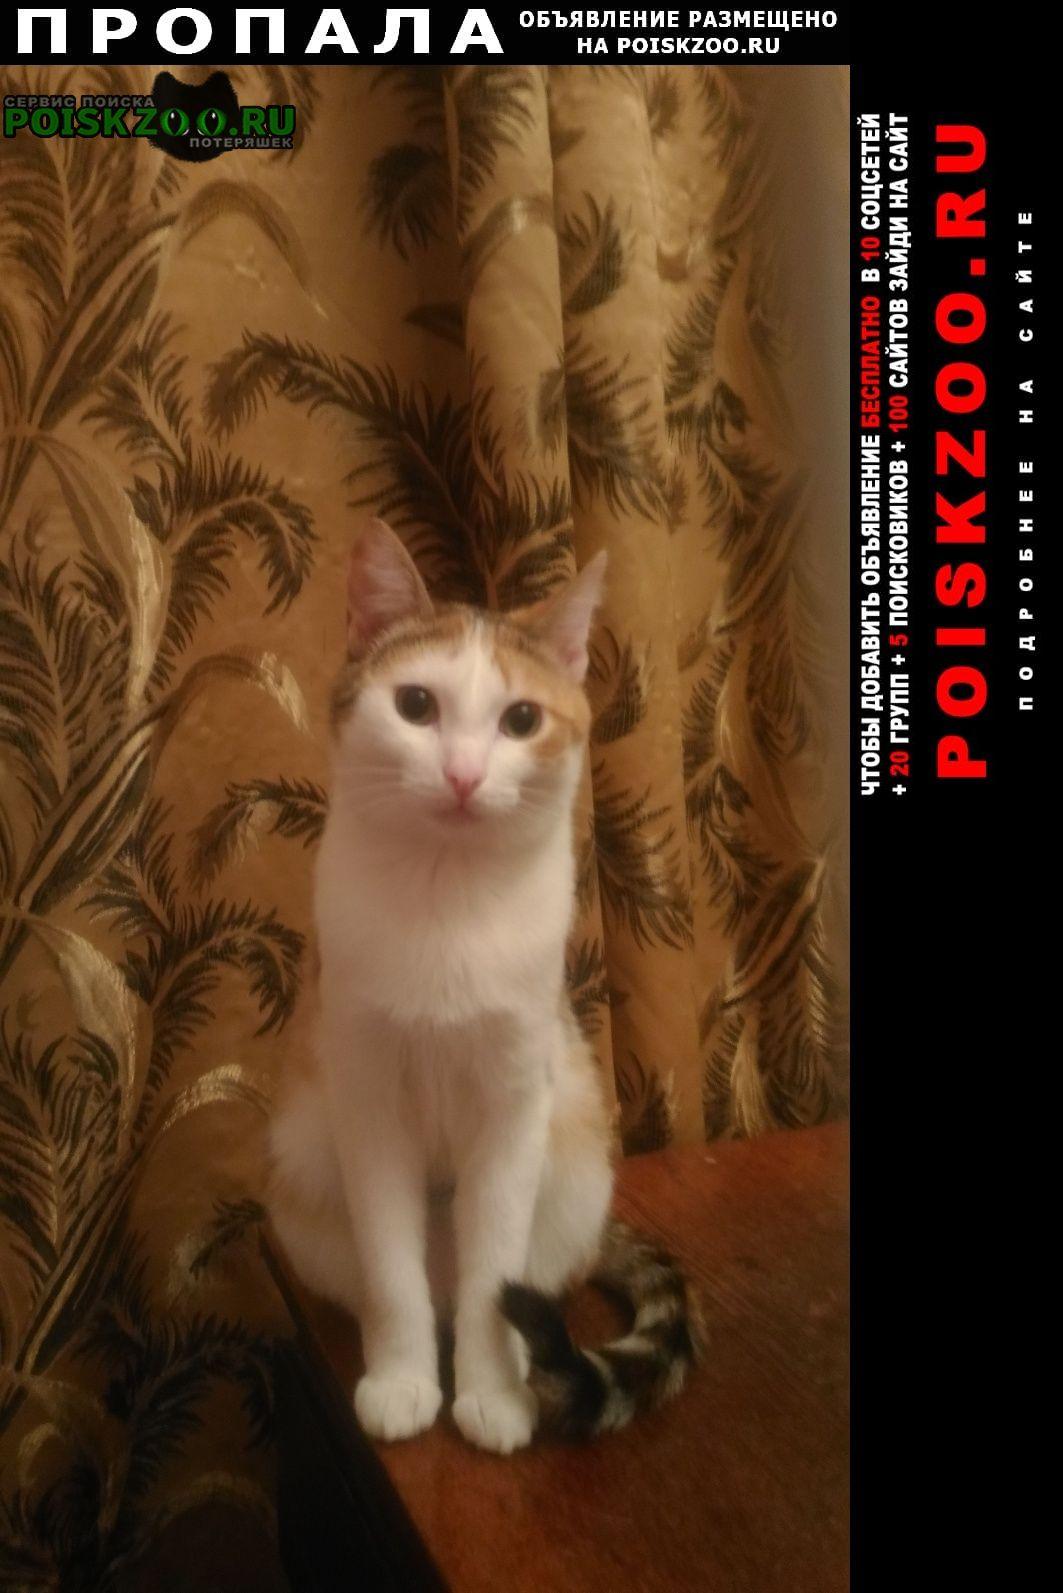 Пропала кошка просим помощи Троицк Челябинская обл.